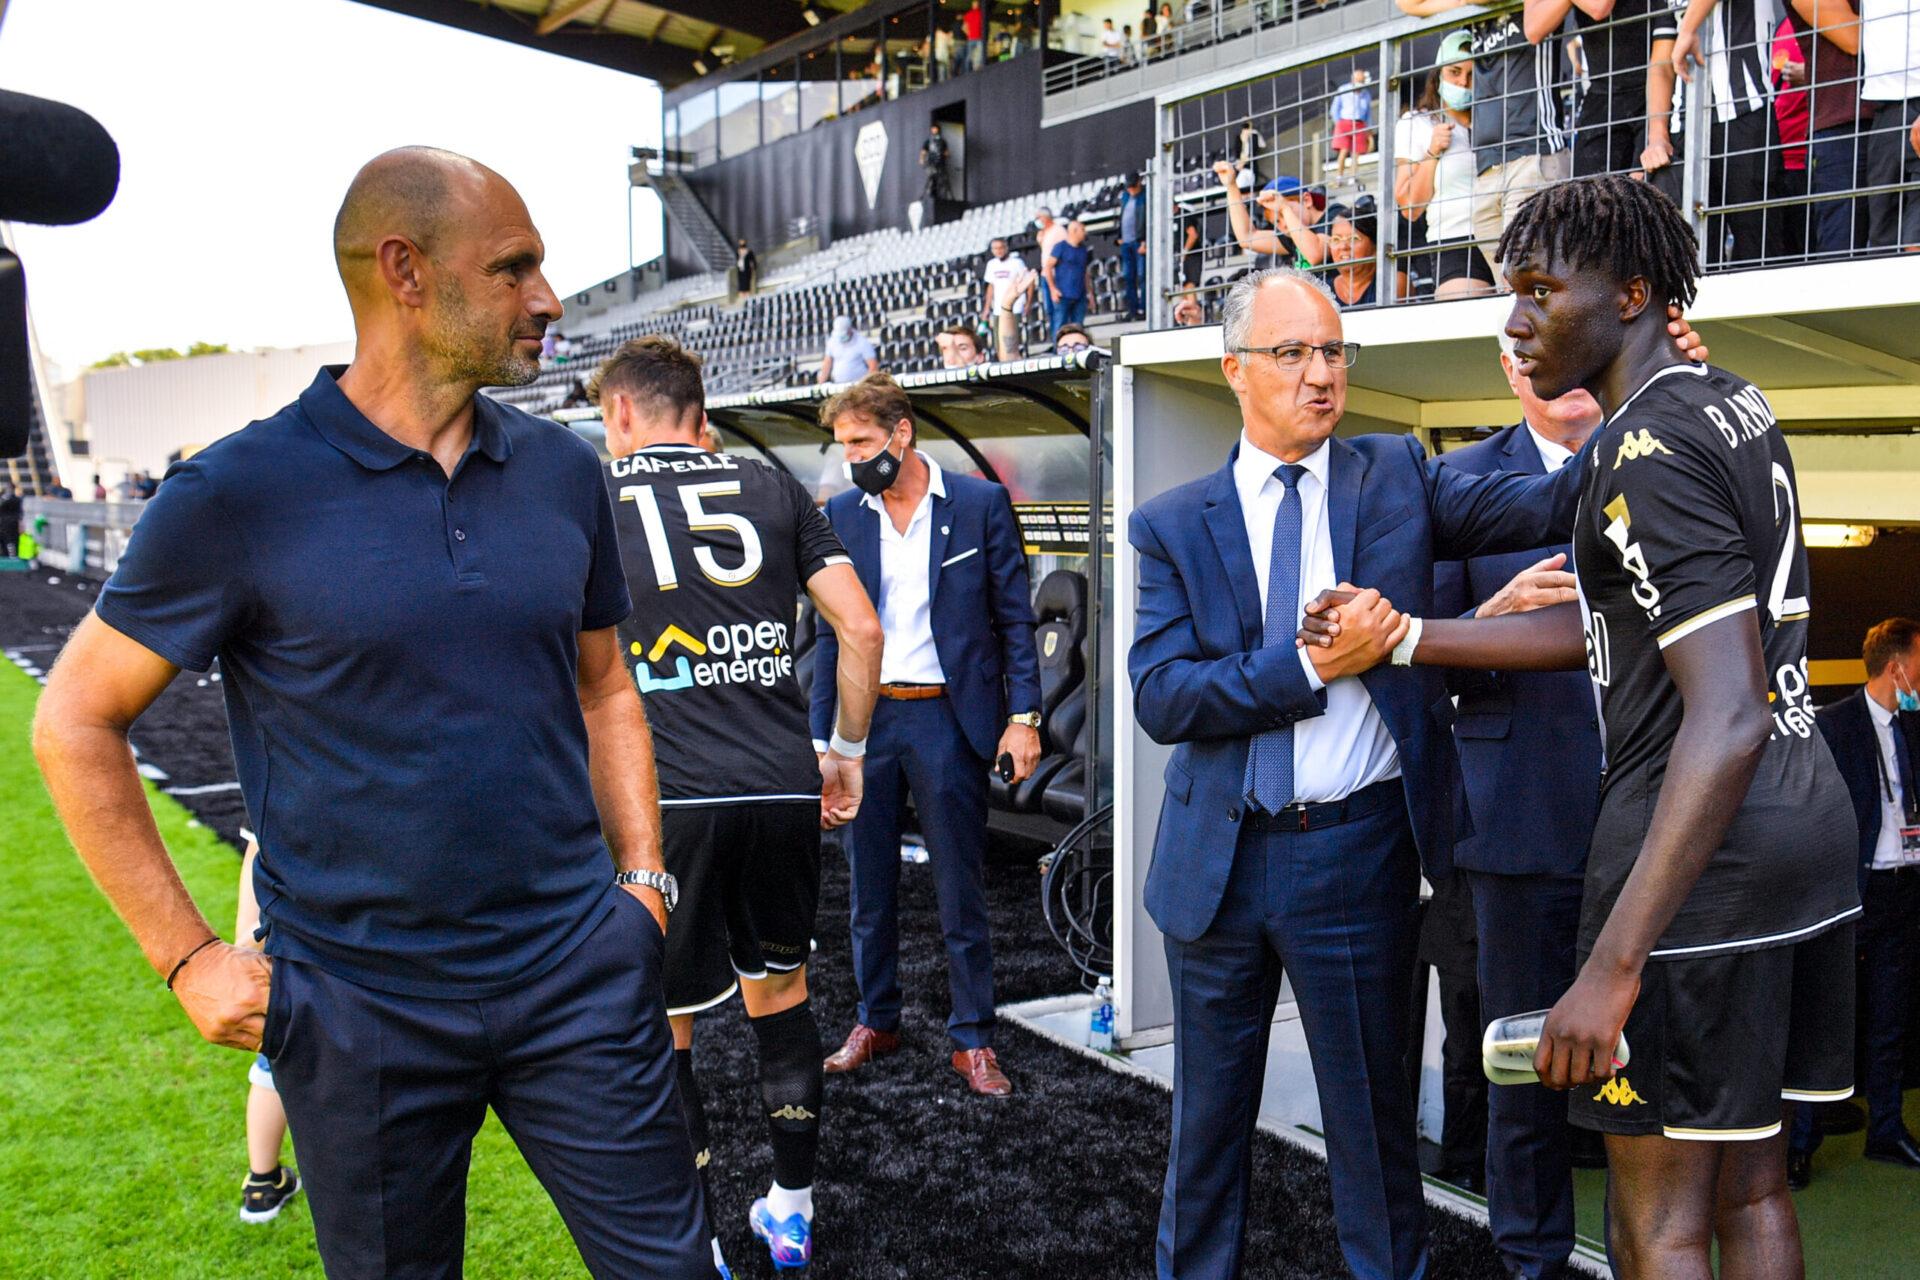 Le président d'Angers, Saïd Chabane, et son entraîneur Gérald Baticle, après la victoire face à Lyon le 15 août 2021. Icon Sport